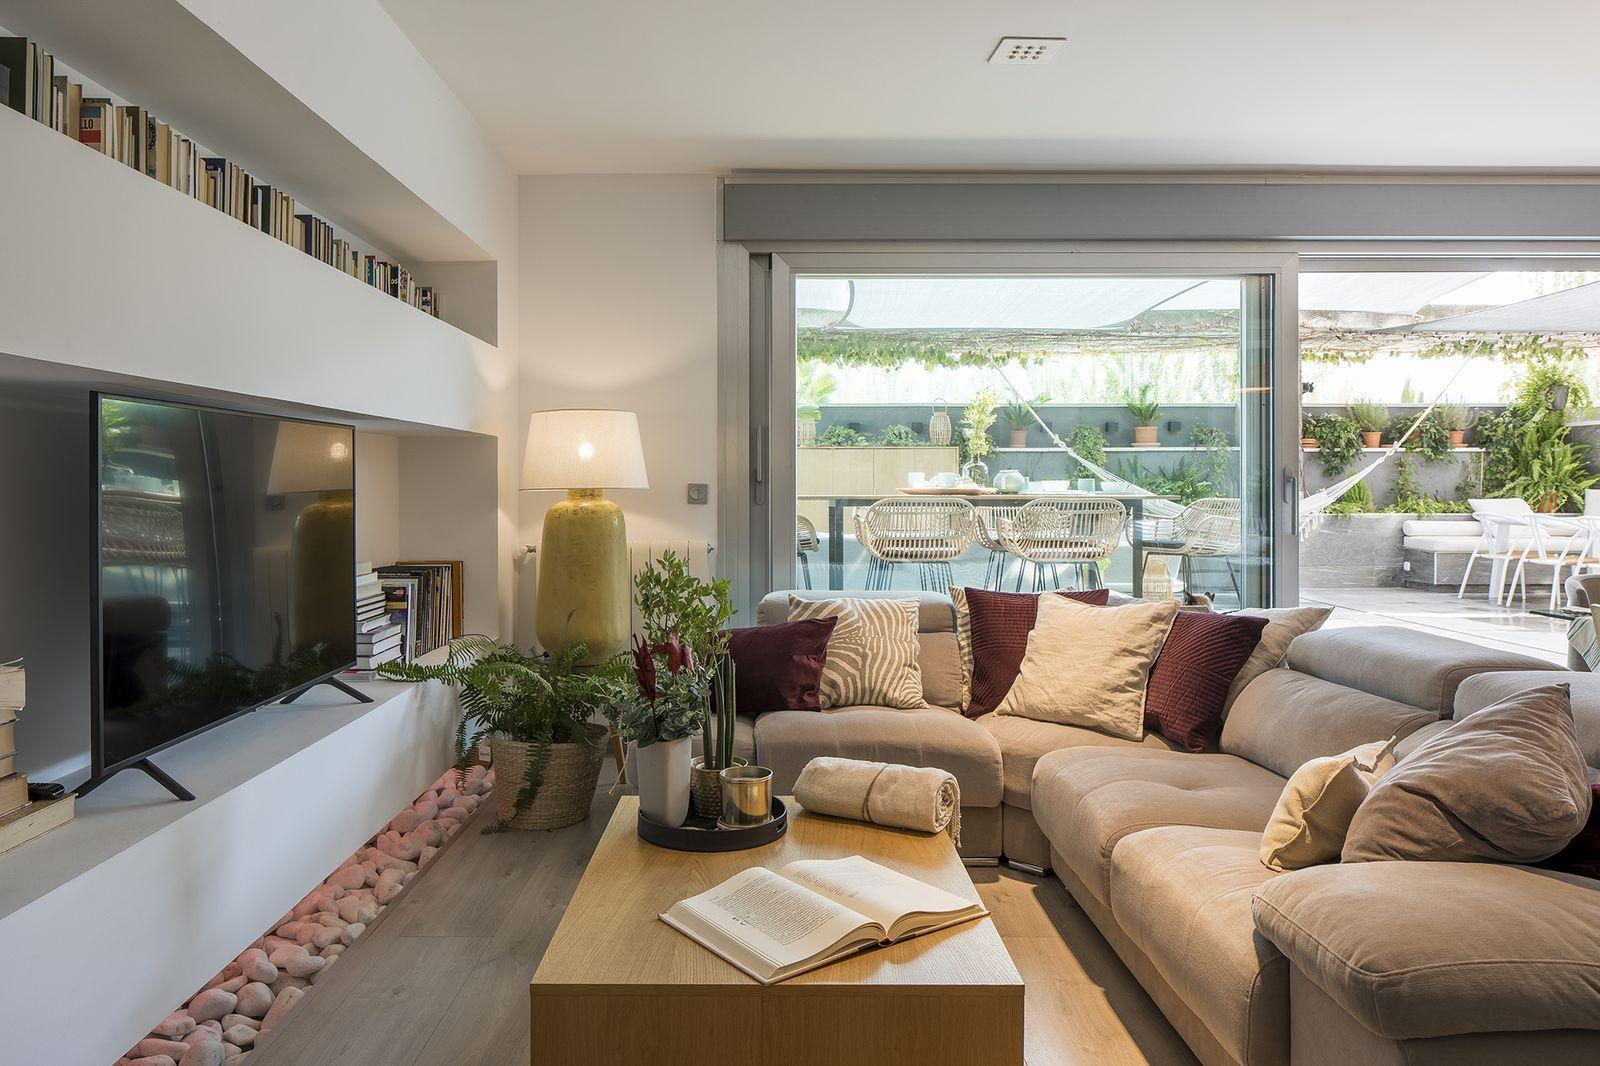 La Terraza De Esta Casa Familiar De Granada Es Un Sueno Hecho Realidad En 2020 Casas Familiares Casas Terrazas